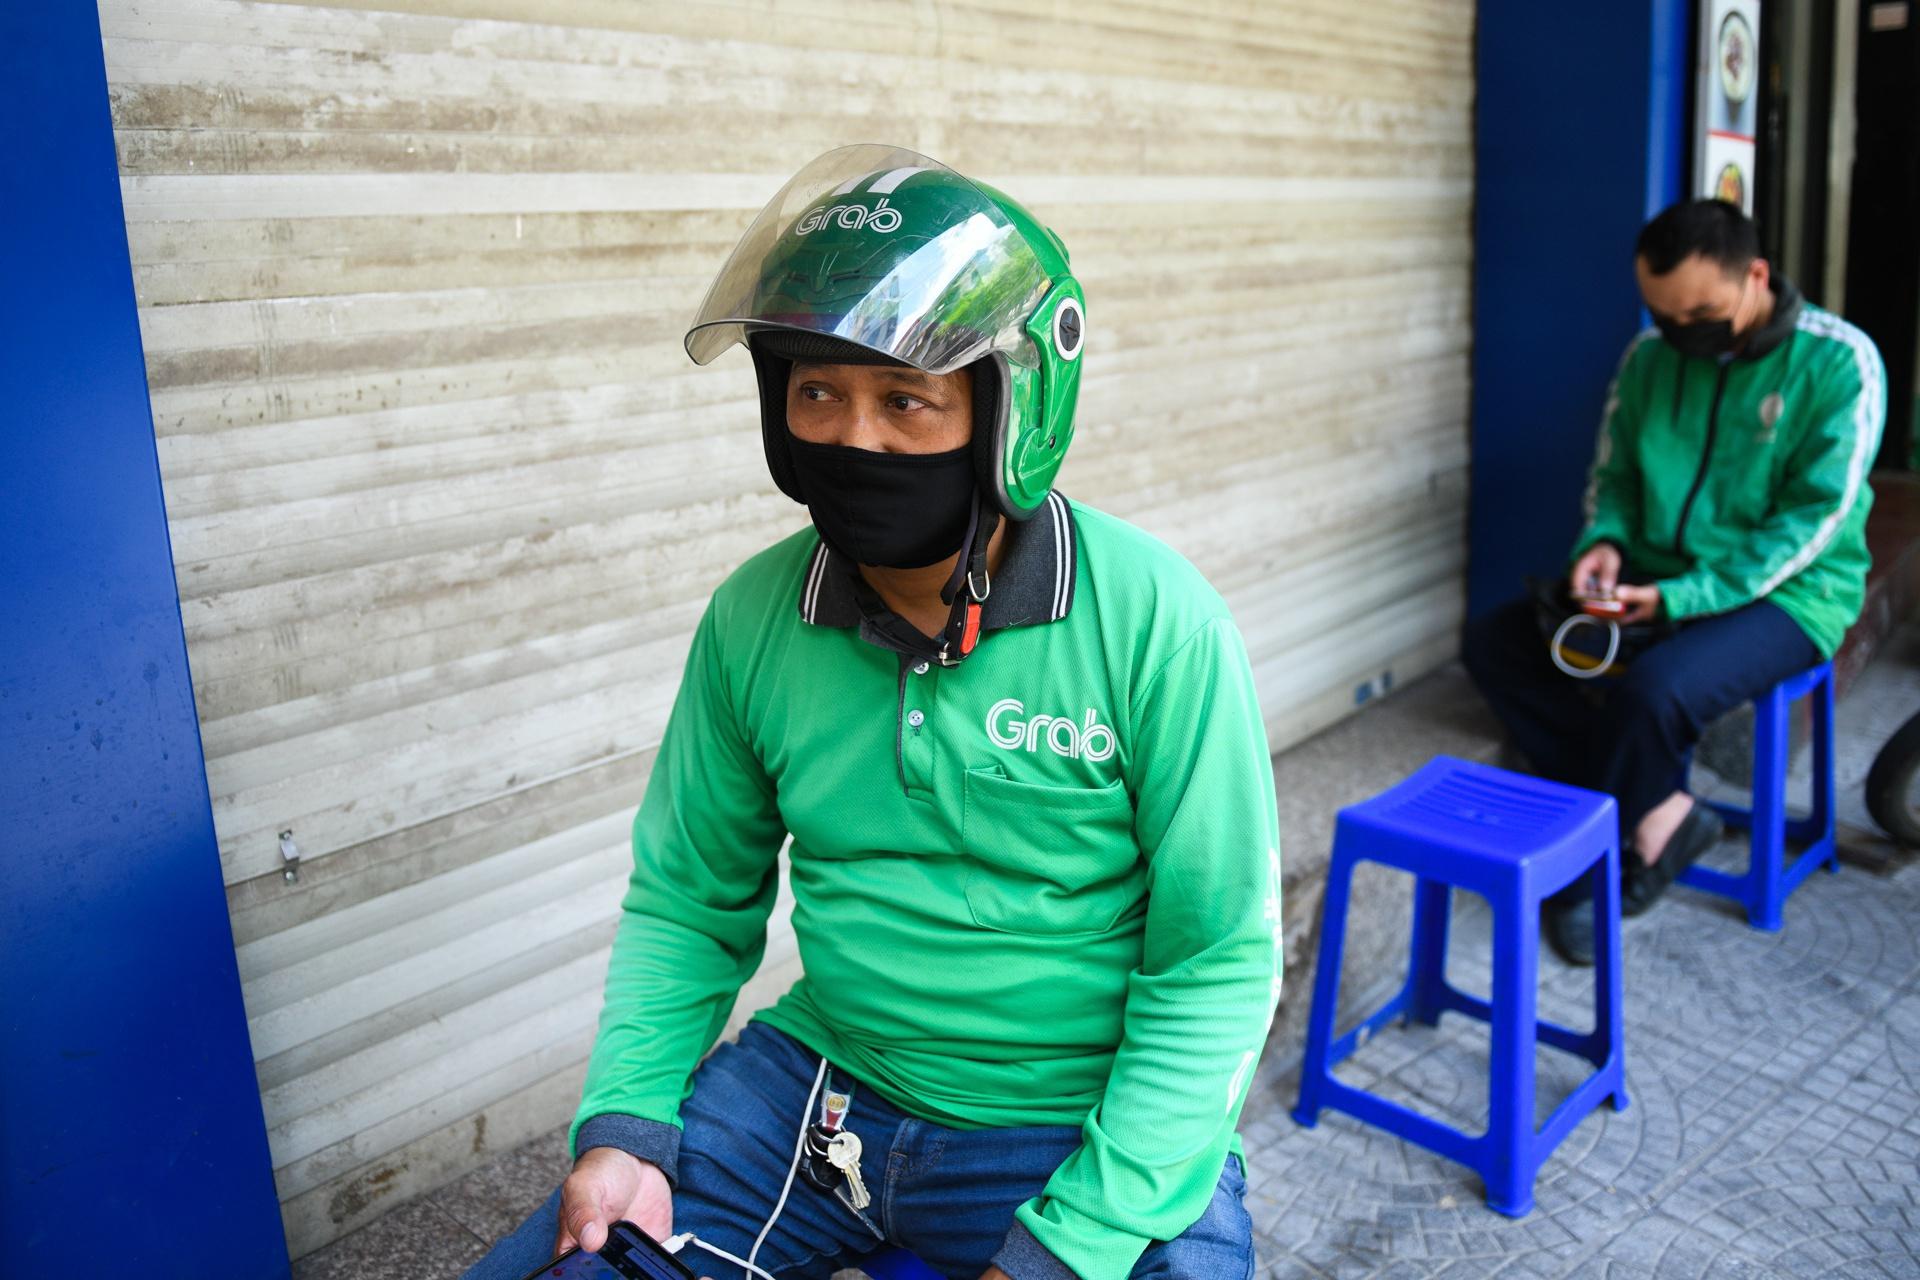 Shipper tại Hà Nội cần lưu ý gì khi hoạt động? - Ảnh 1.